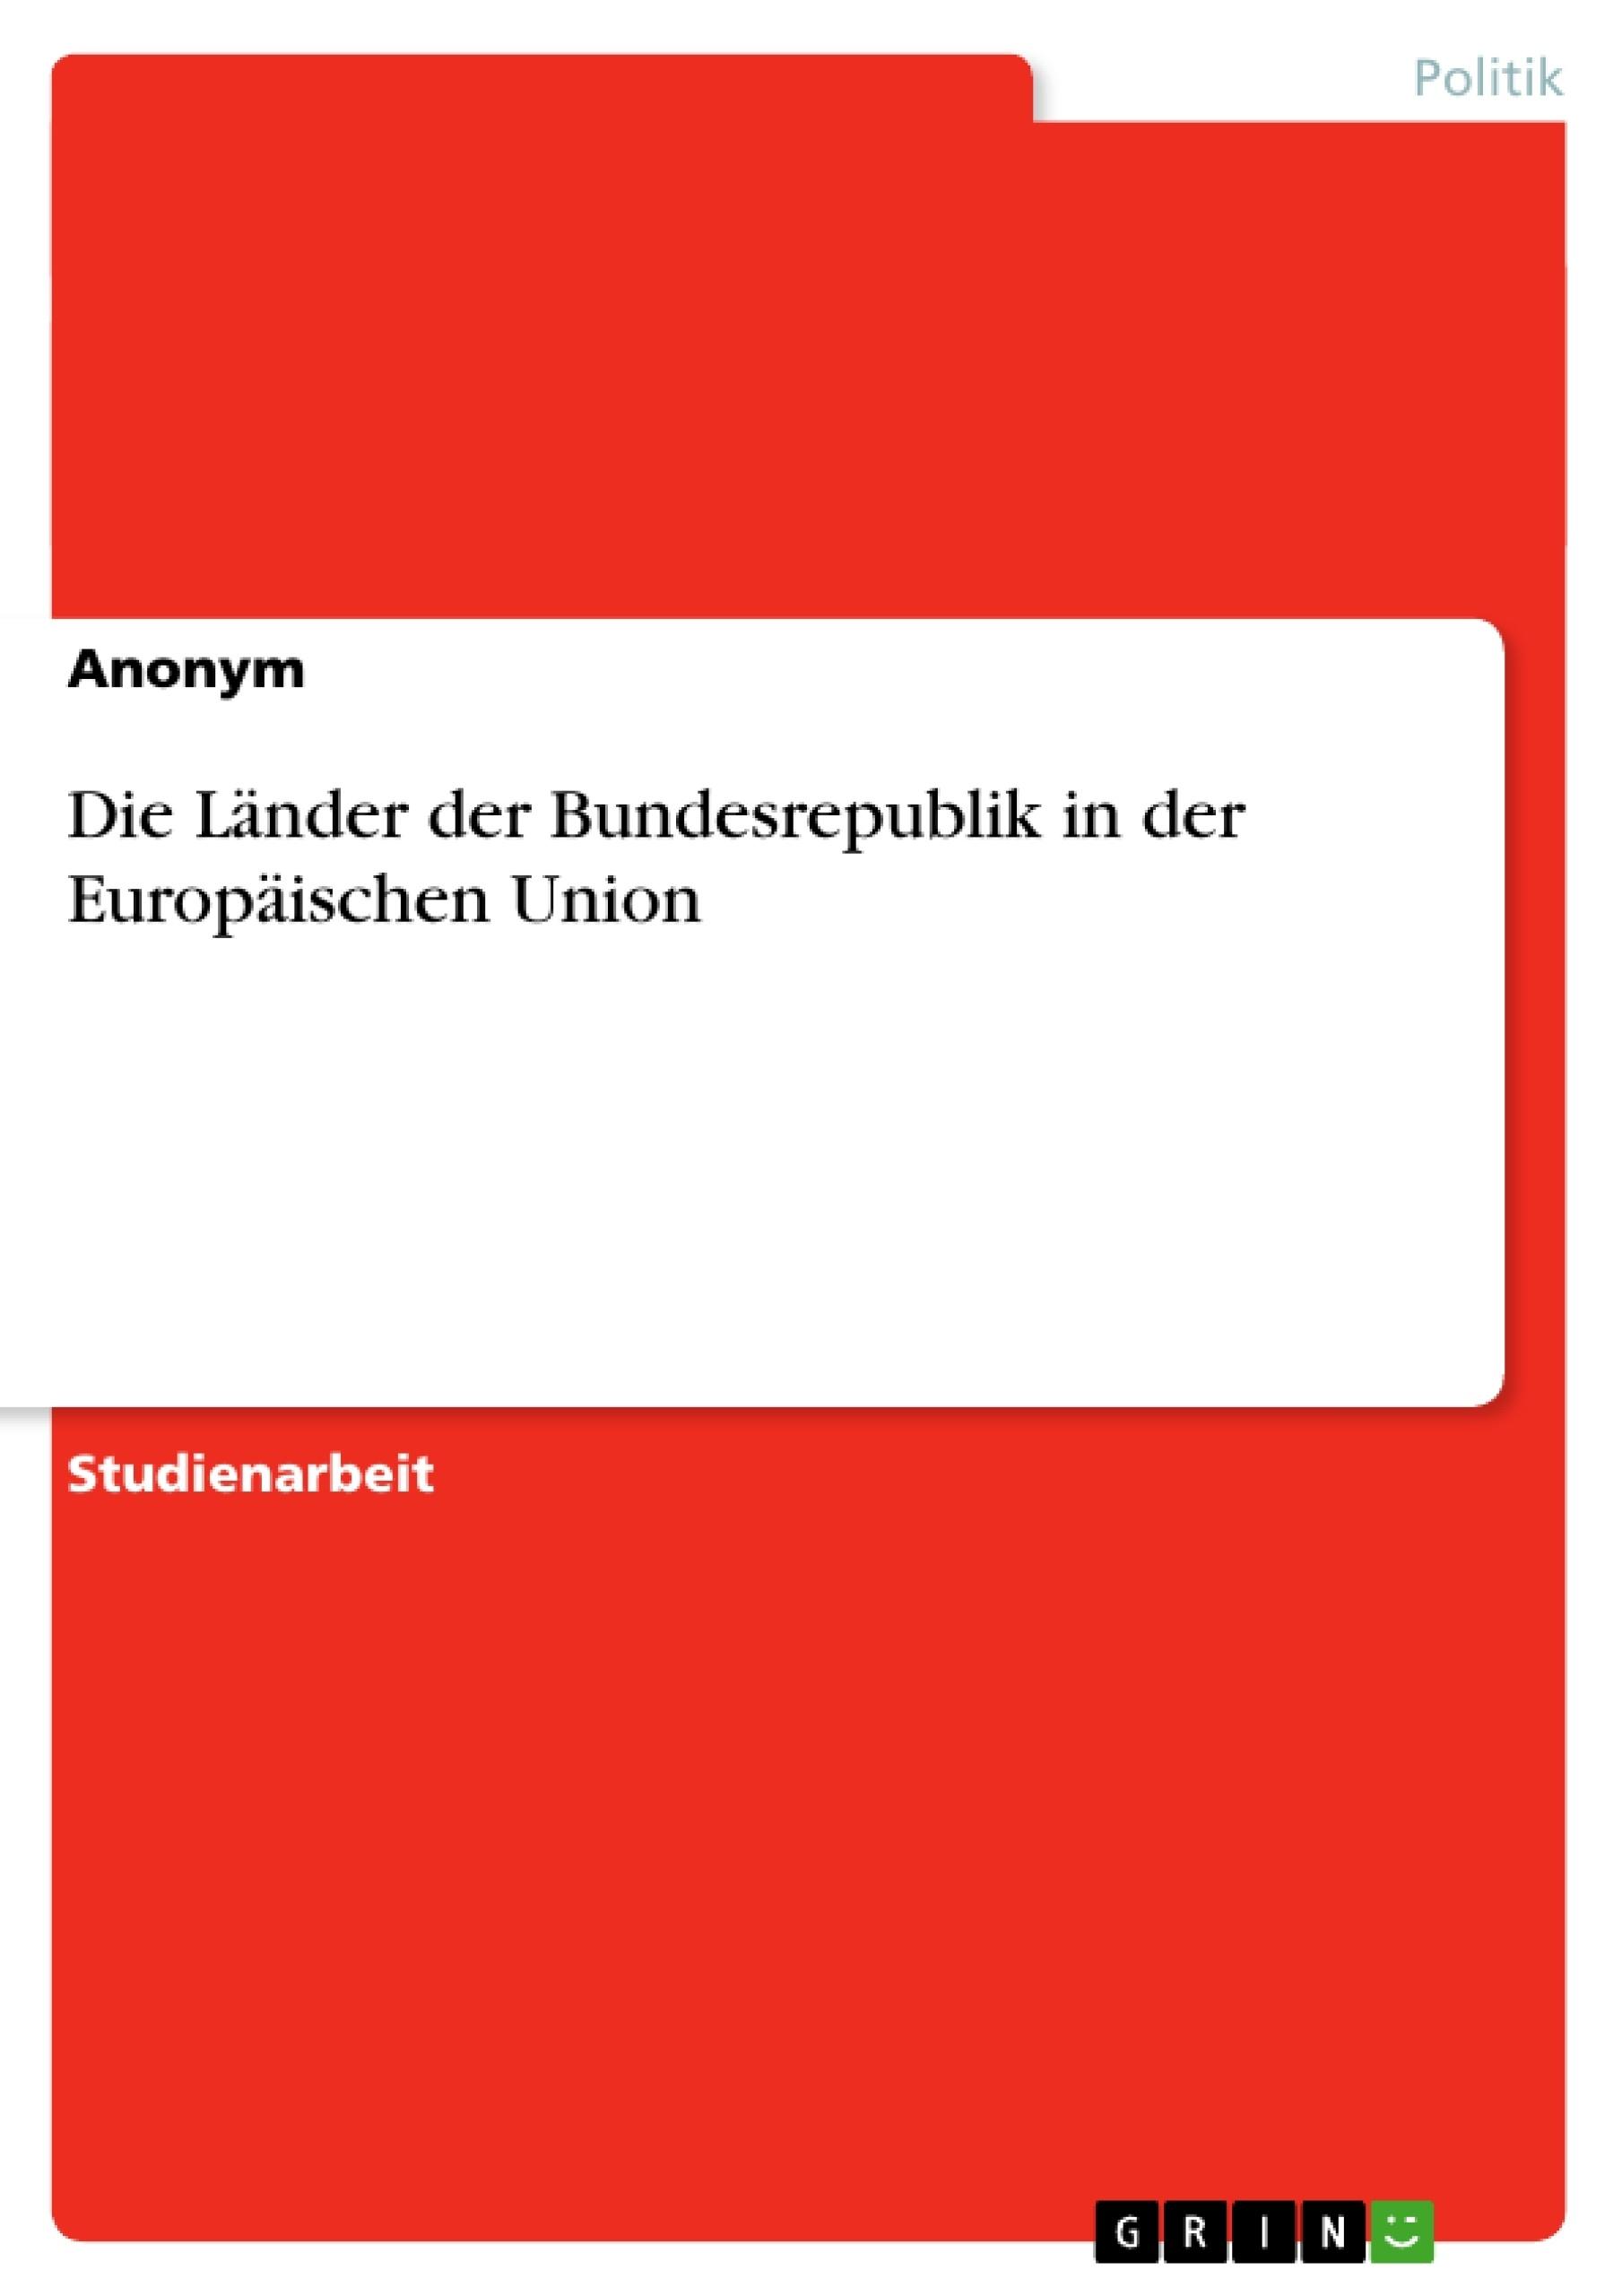 Titel: Die Länder der Bundesrepublik  in der Europäischen Union